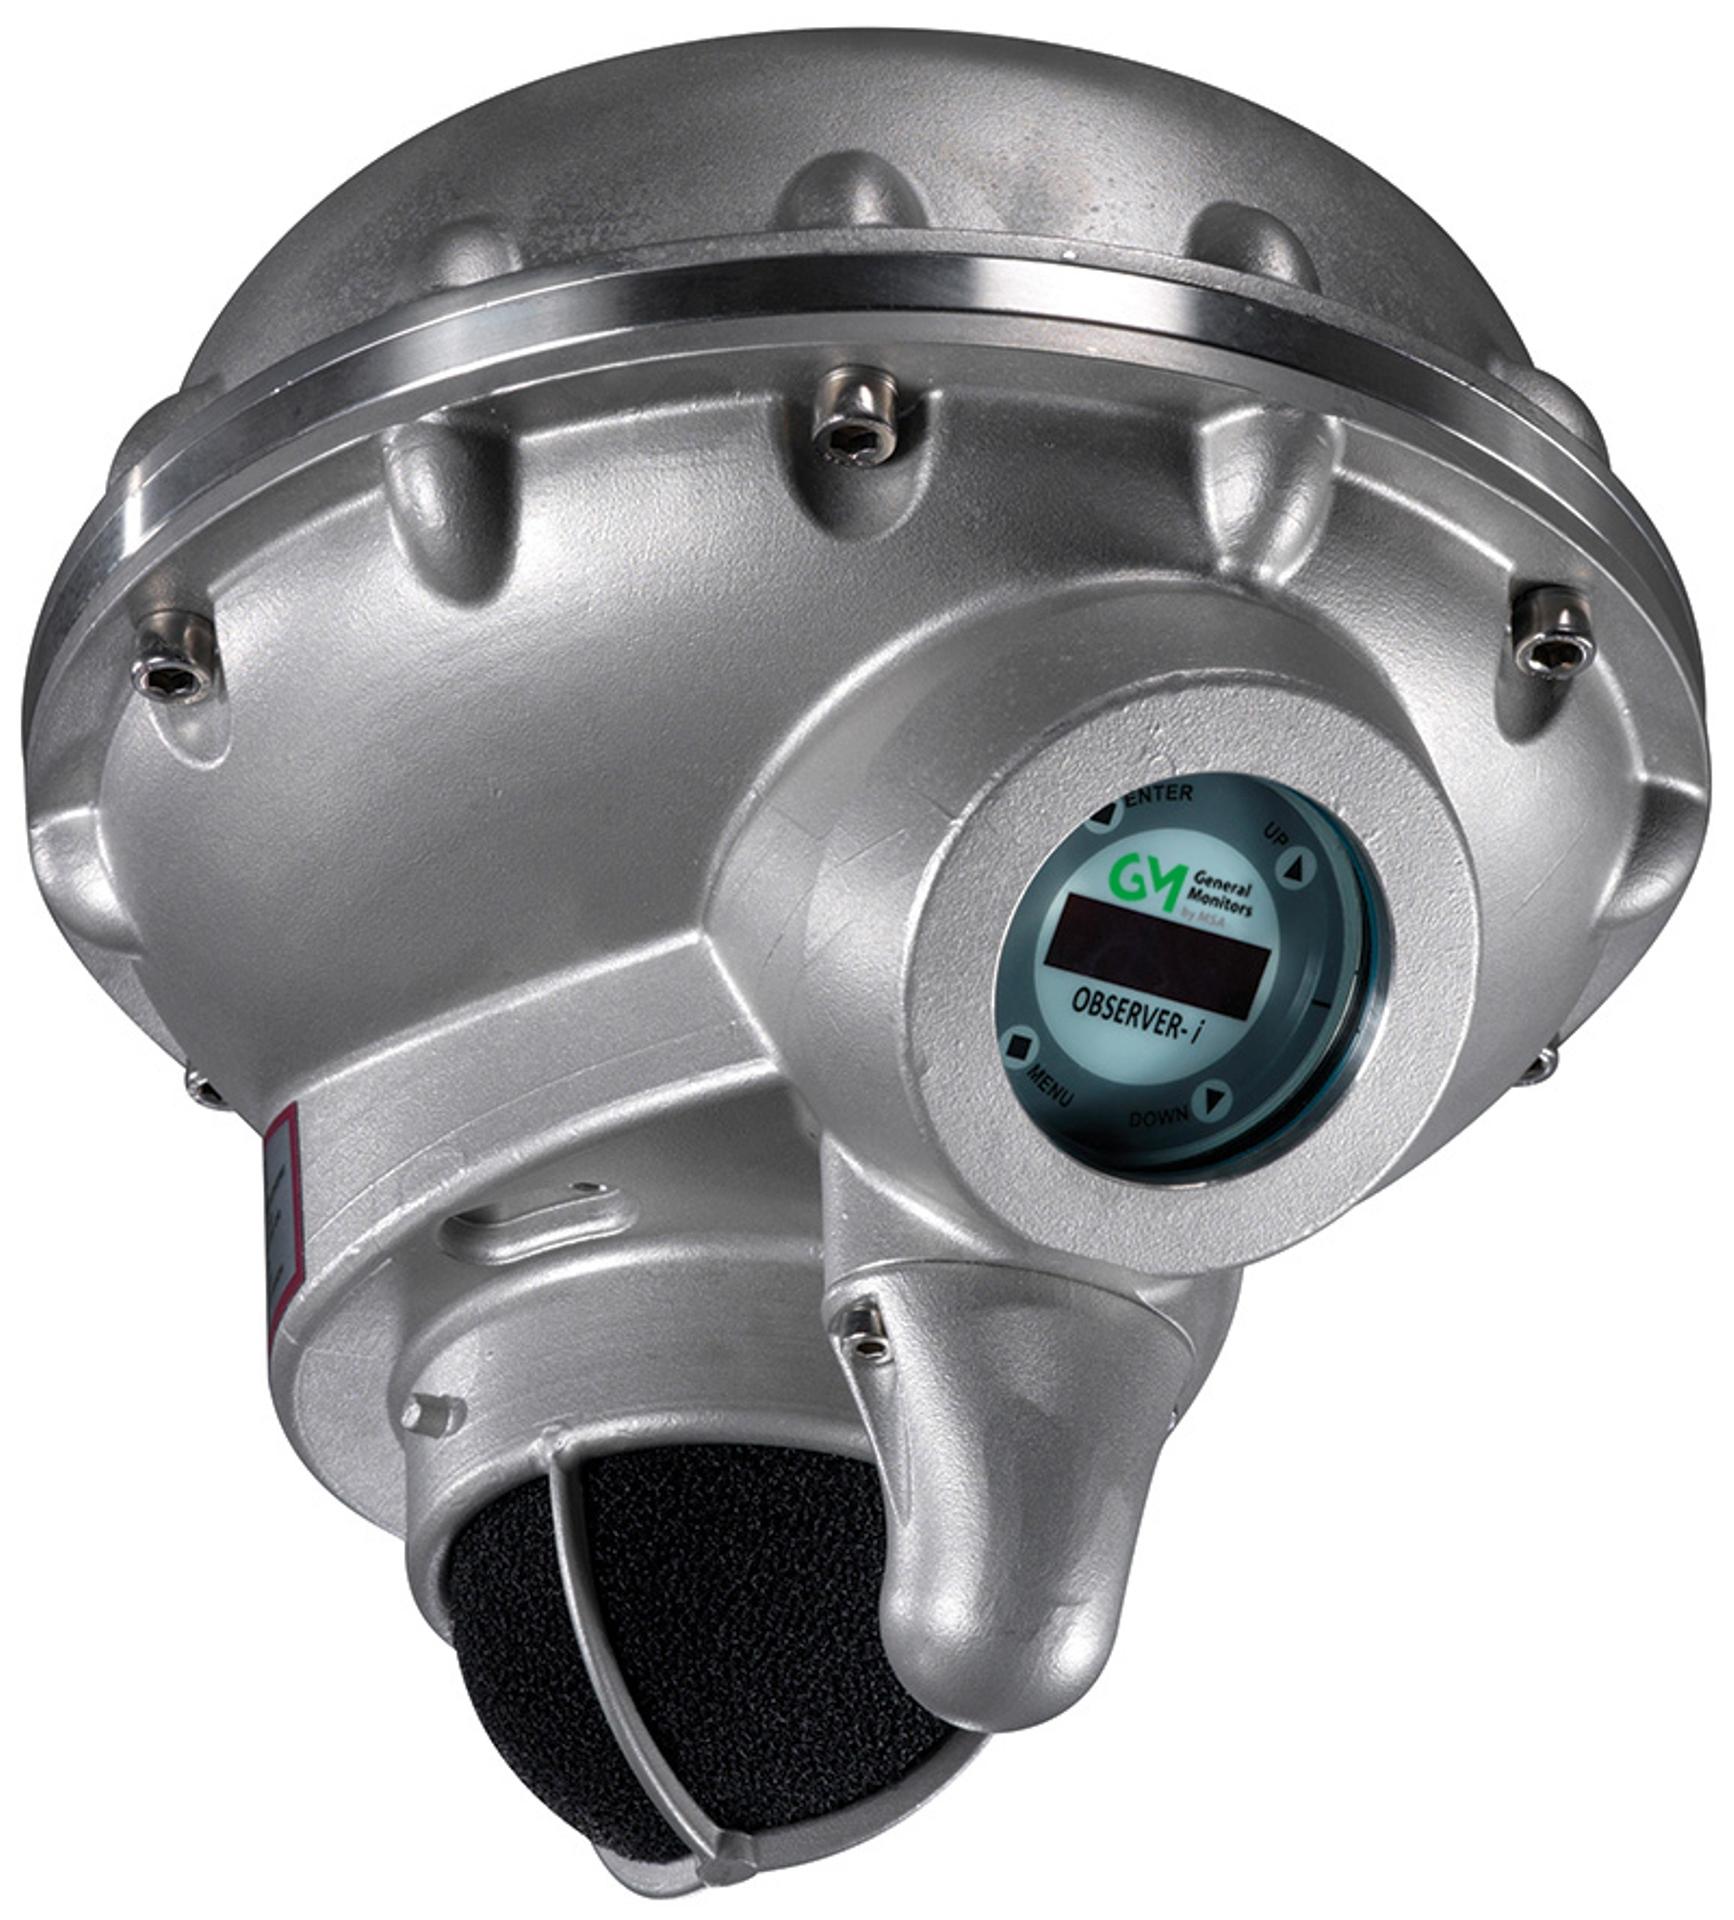 Observer-i Gassdetektor Gas leak detector akustisk gasslekkasje gassmler gassalarm natural sniffer ultrasonic acoustic MSA Gassonic